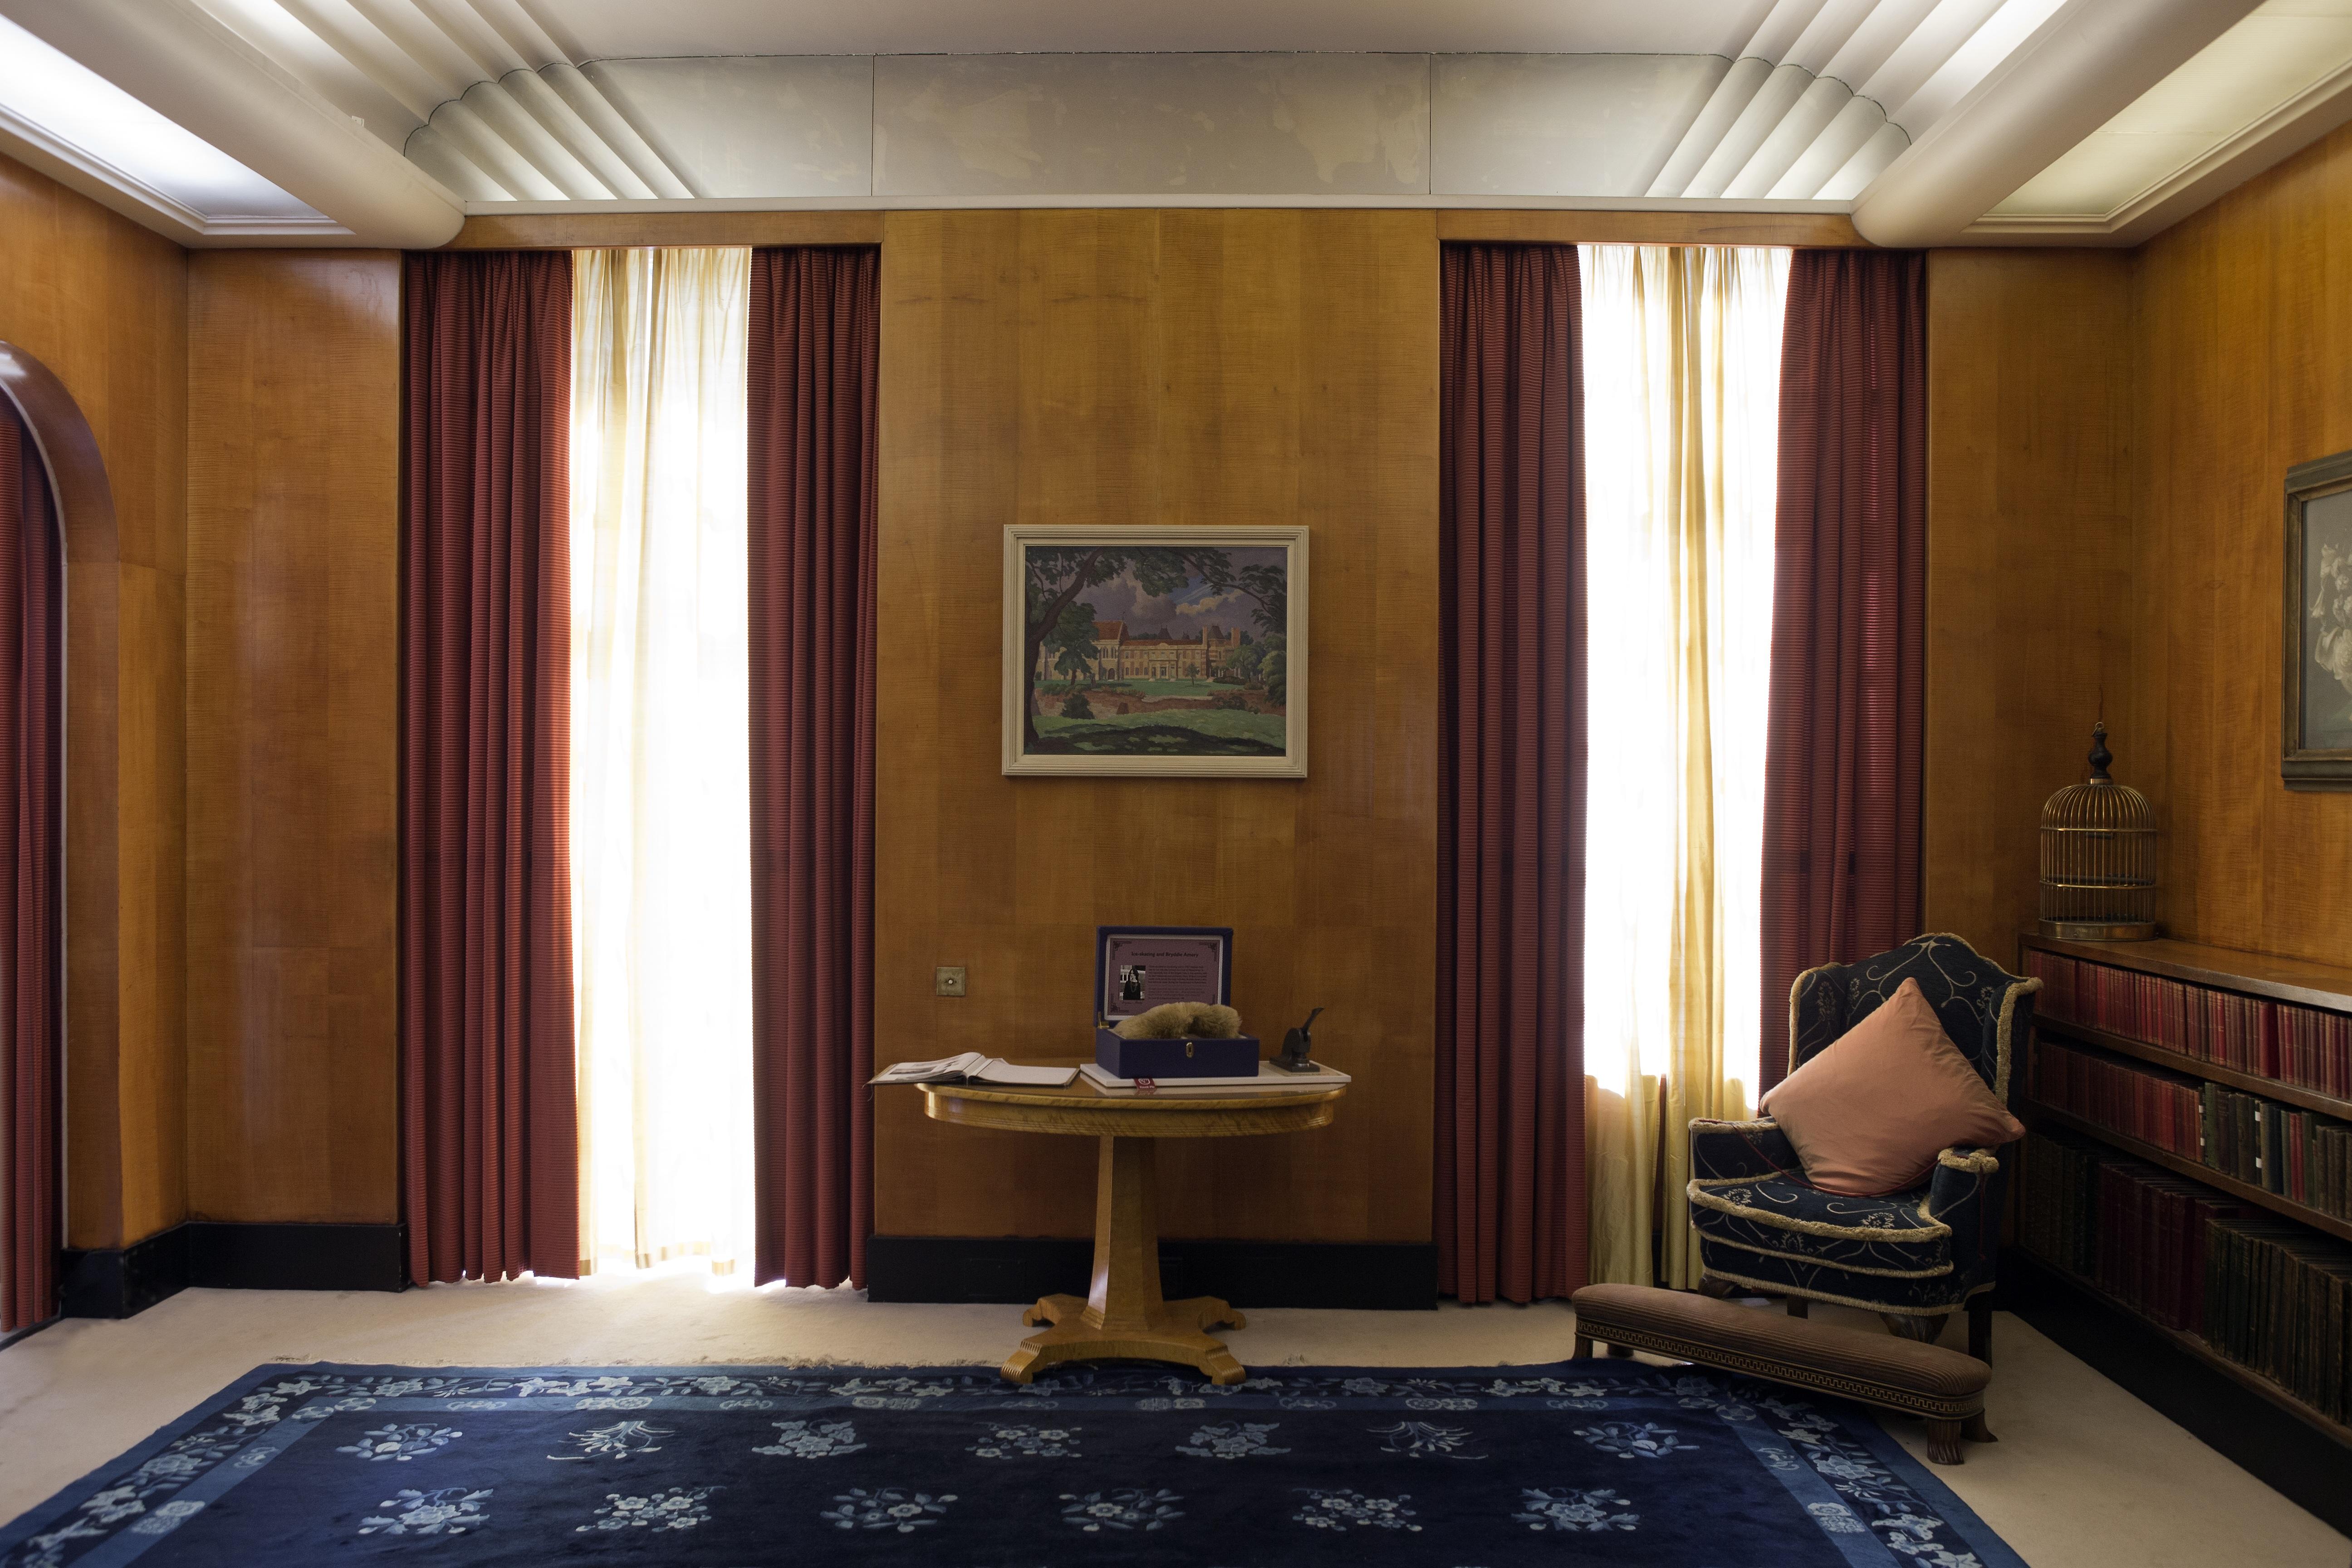 Images Gratuites Maison Salon Meubles Chambre Design D  # Meubles Maison